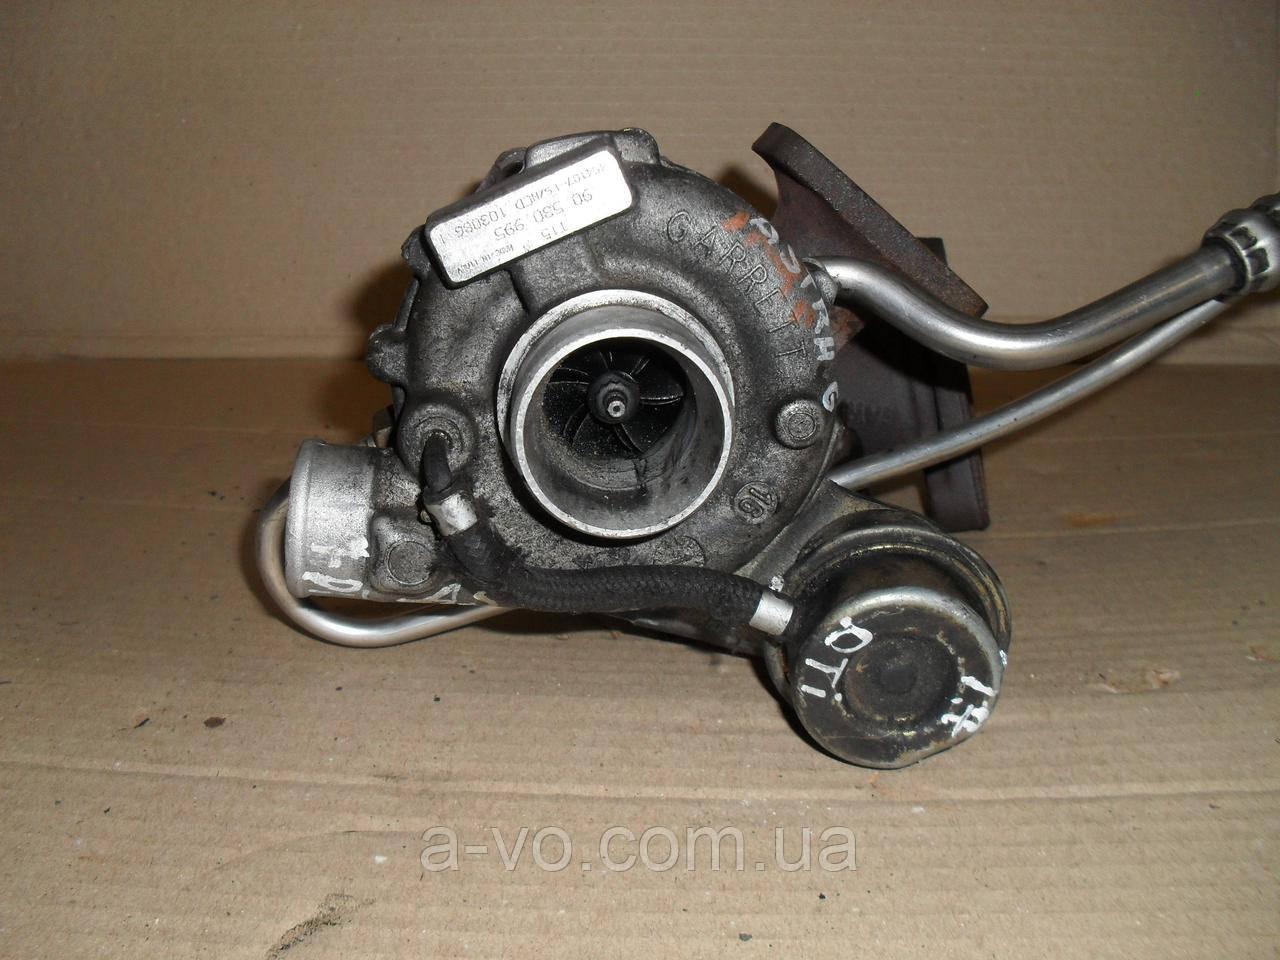 Турбина для Opel Astra G 1.7TD 90530995